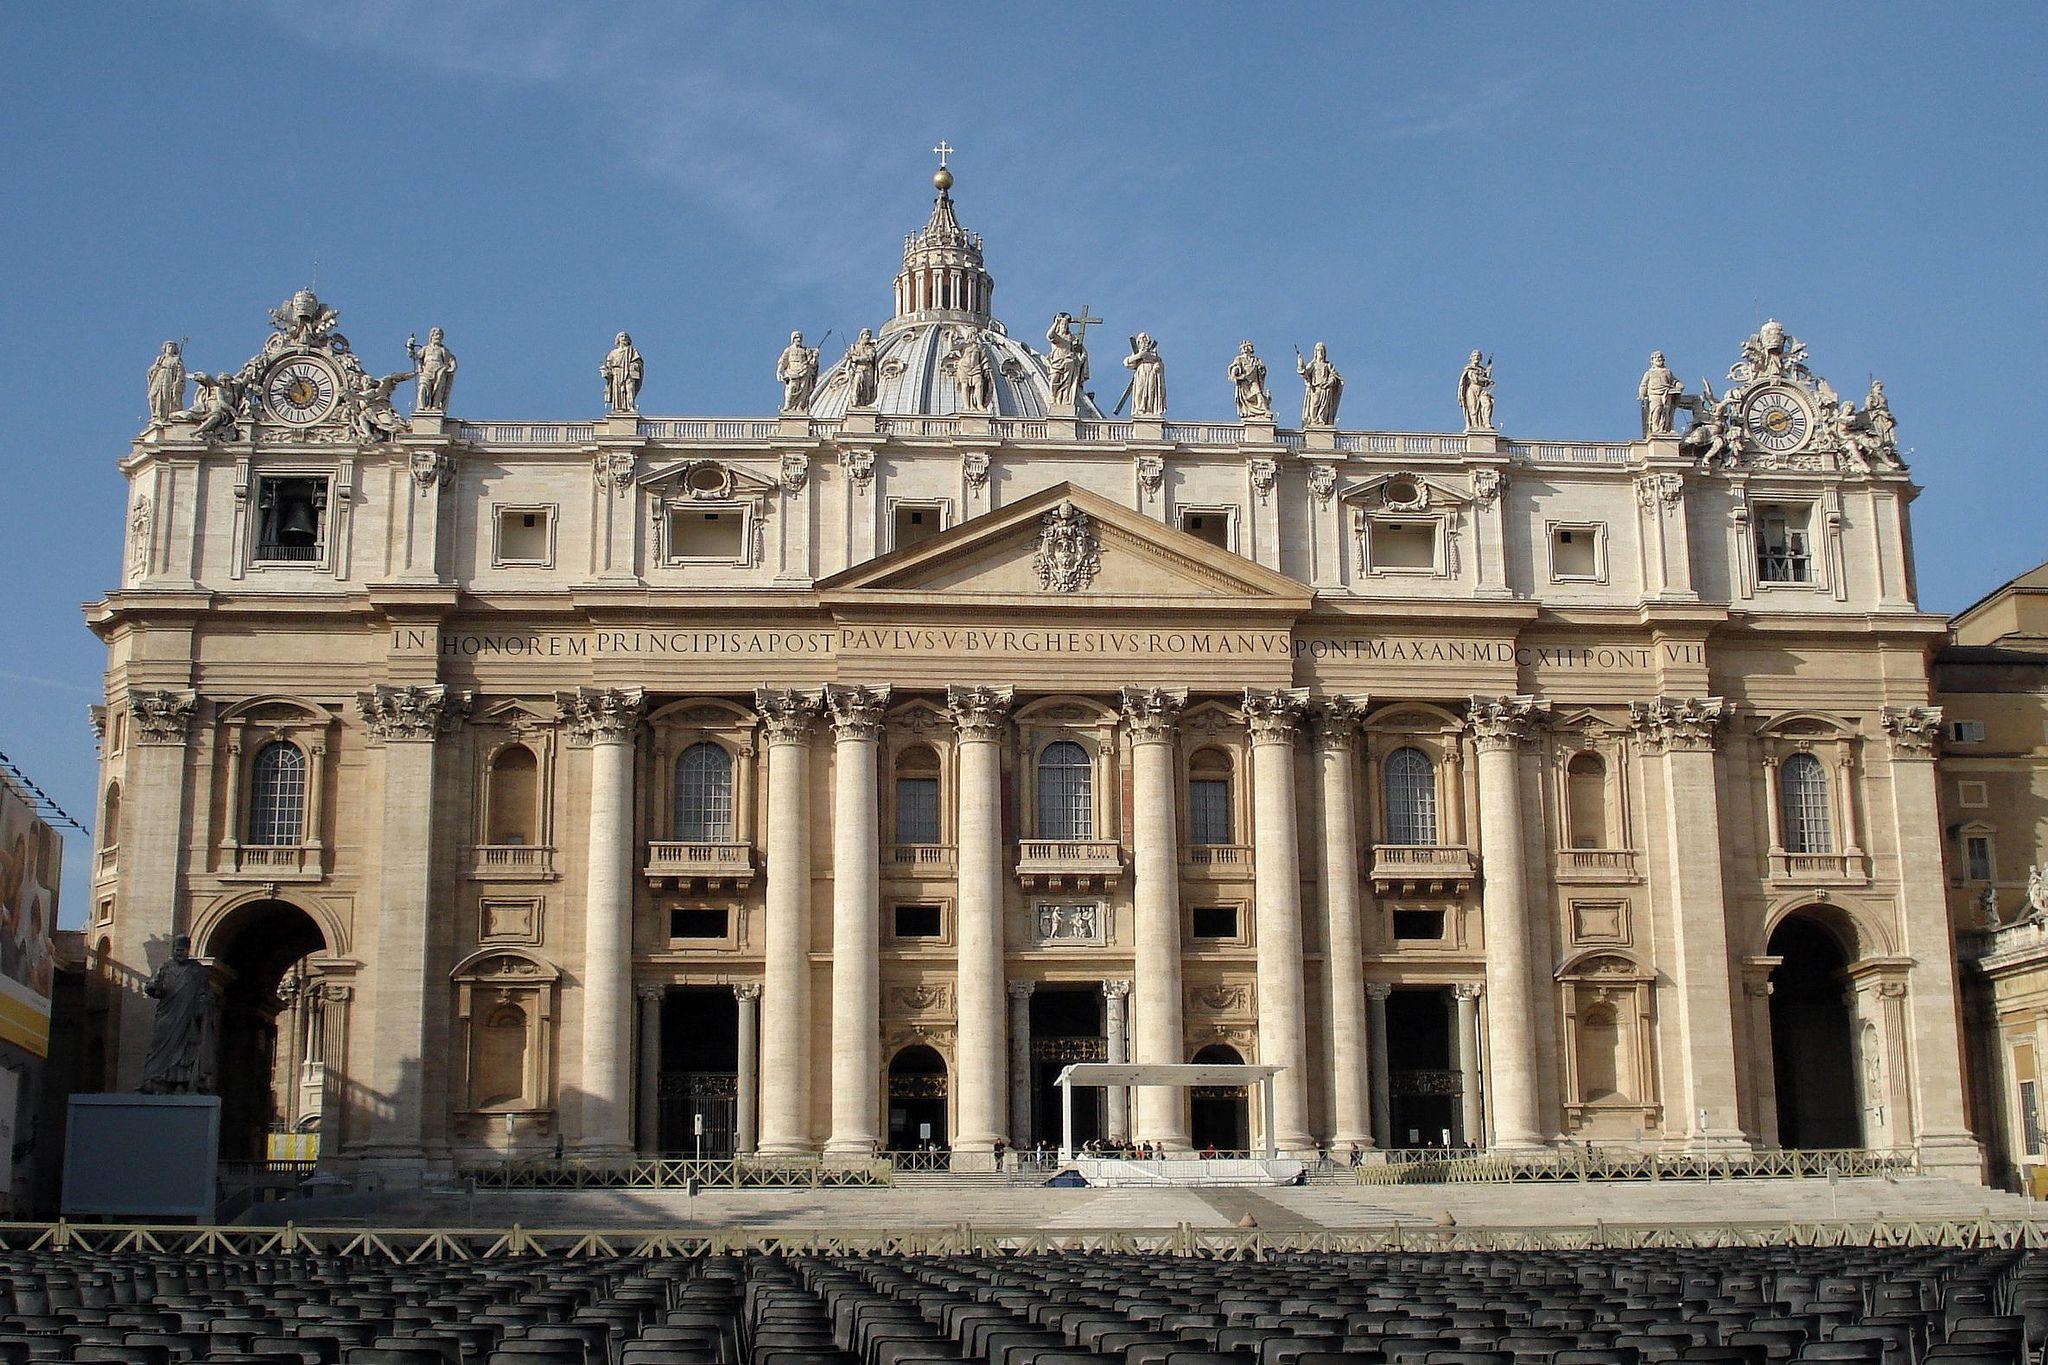 the facade of st. peter designedcarlo maderno,1556 –1629, a